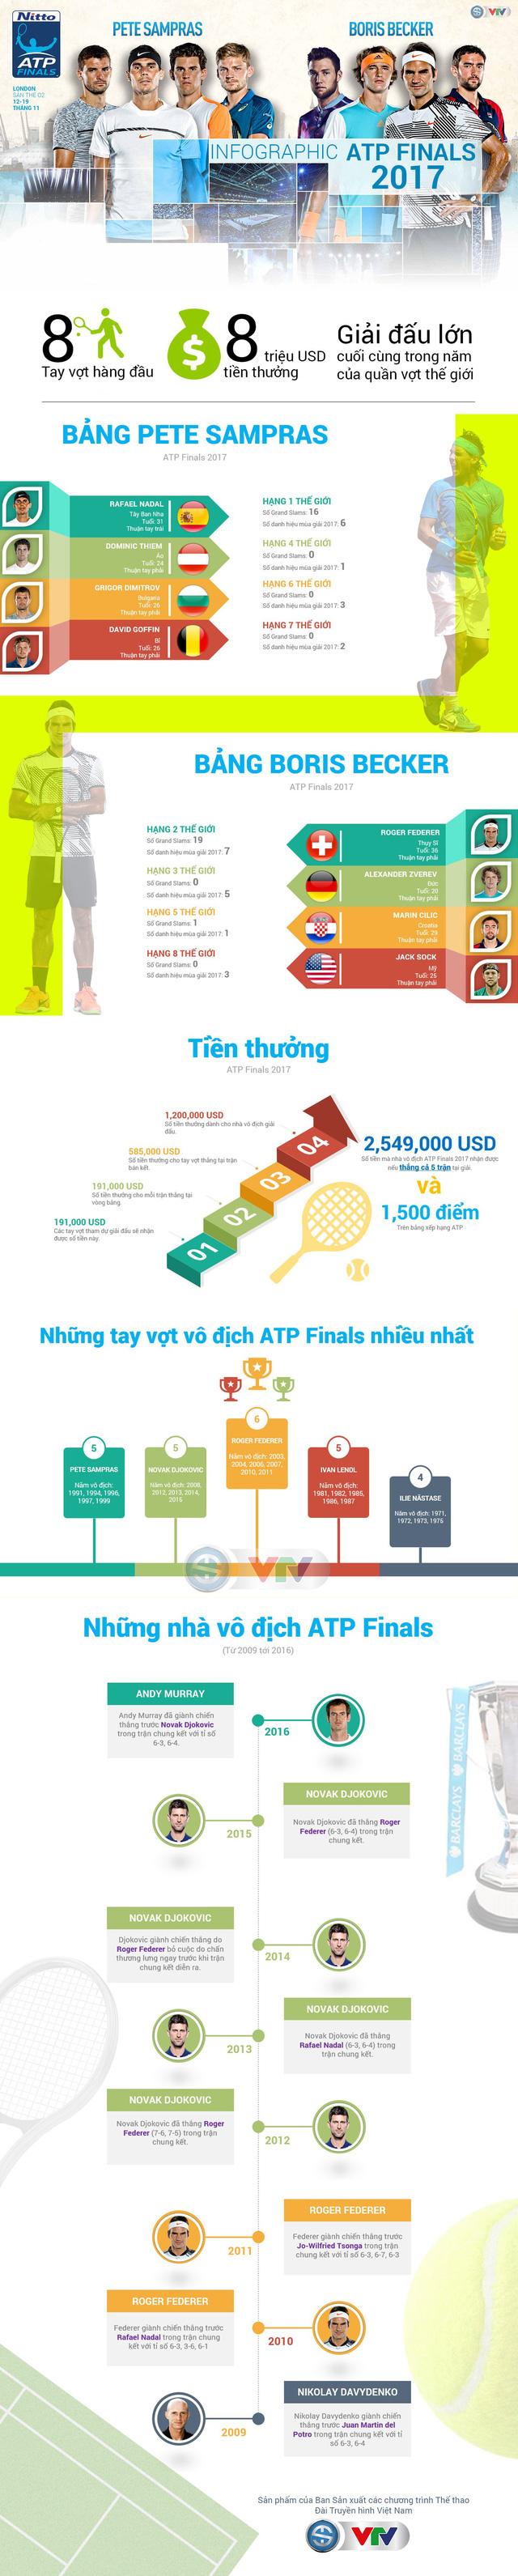 [INFOGRAPHIC] ATP Finals 2017 - Màn so tài của 8 tay vợt xuất sắc nhất năm - Ảnh 1.